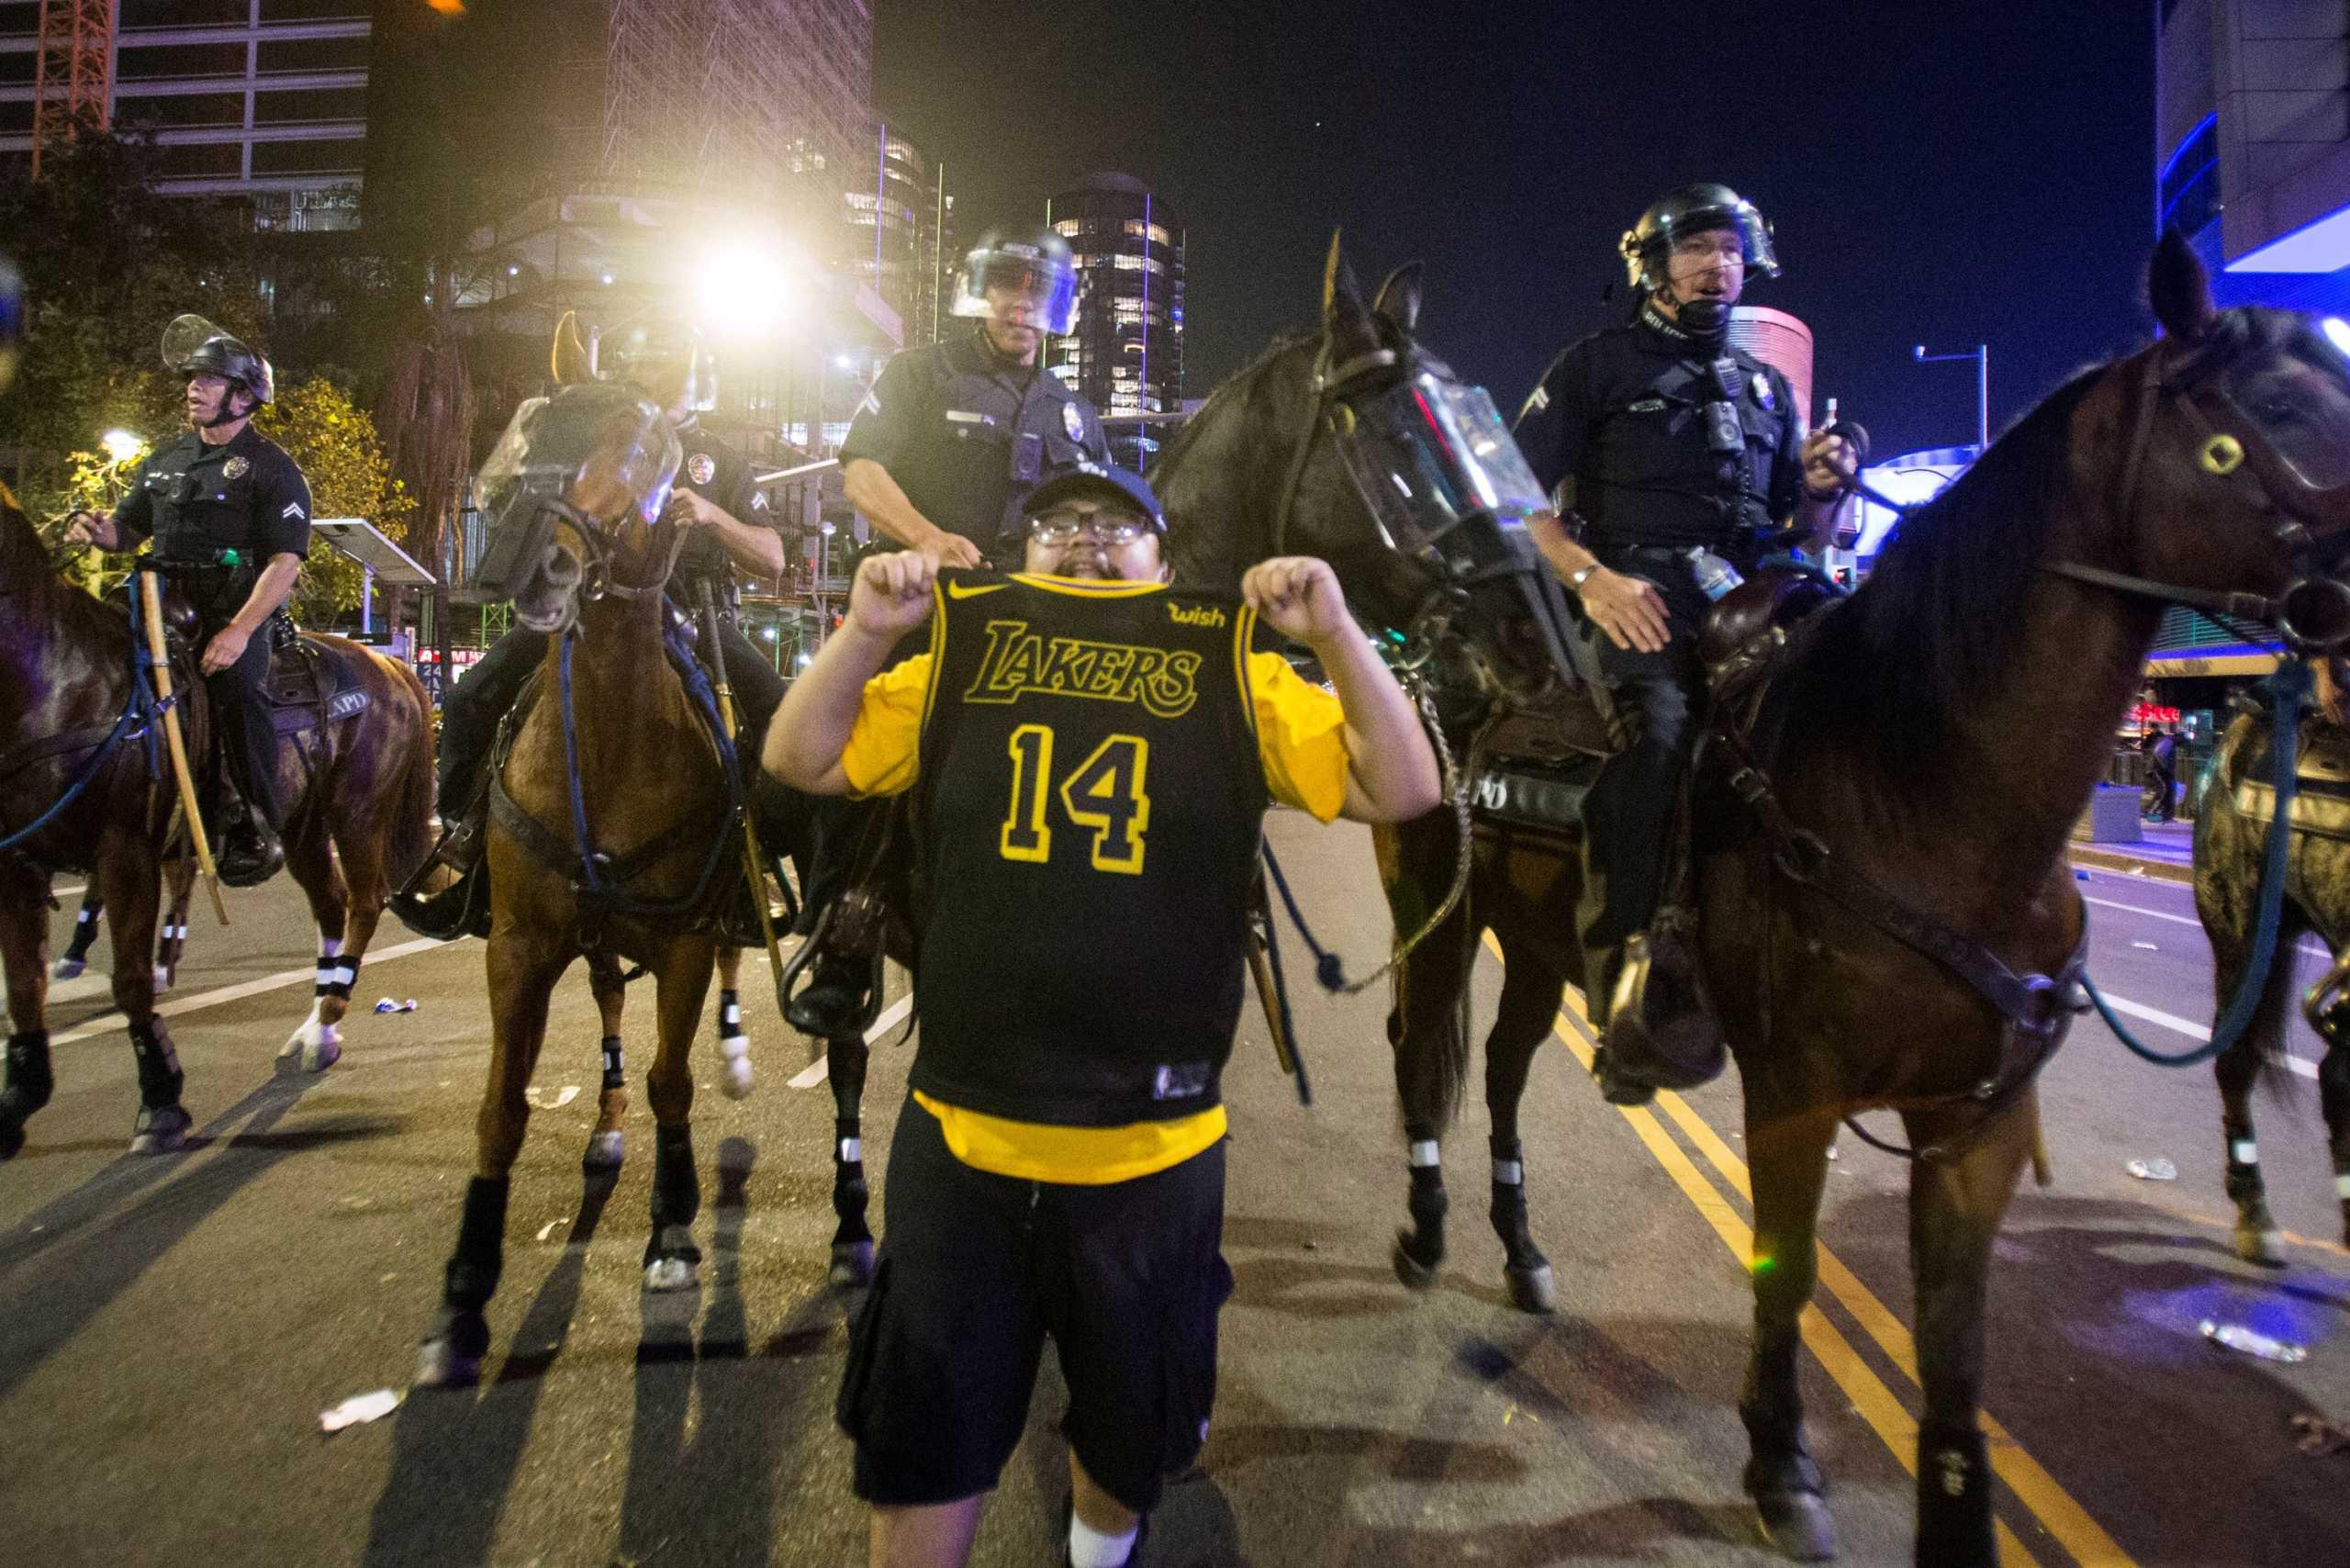 """Ο κορονοϊός χαλάει το """"πάρτι"""" των Λέικερς! Συλλήψεις και τραυματισμοί αστυνομικών σε πανηγυρισμούς (video)"""